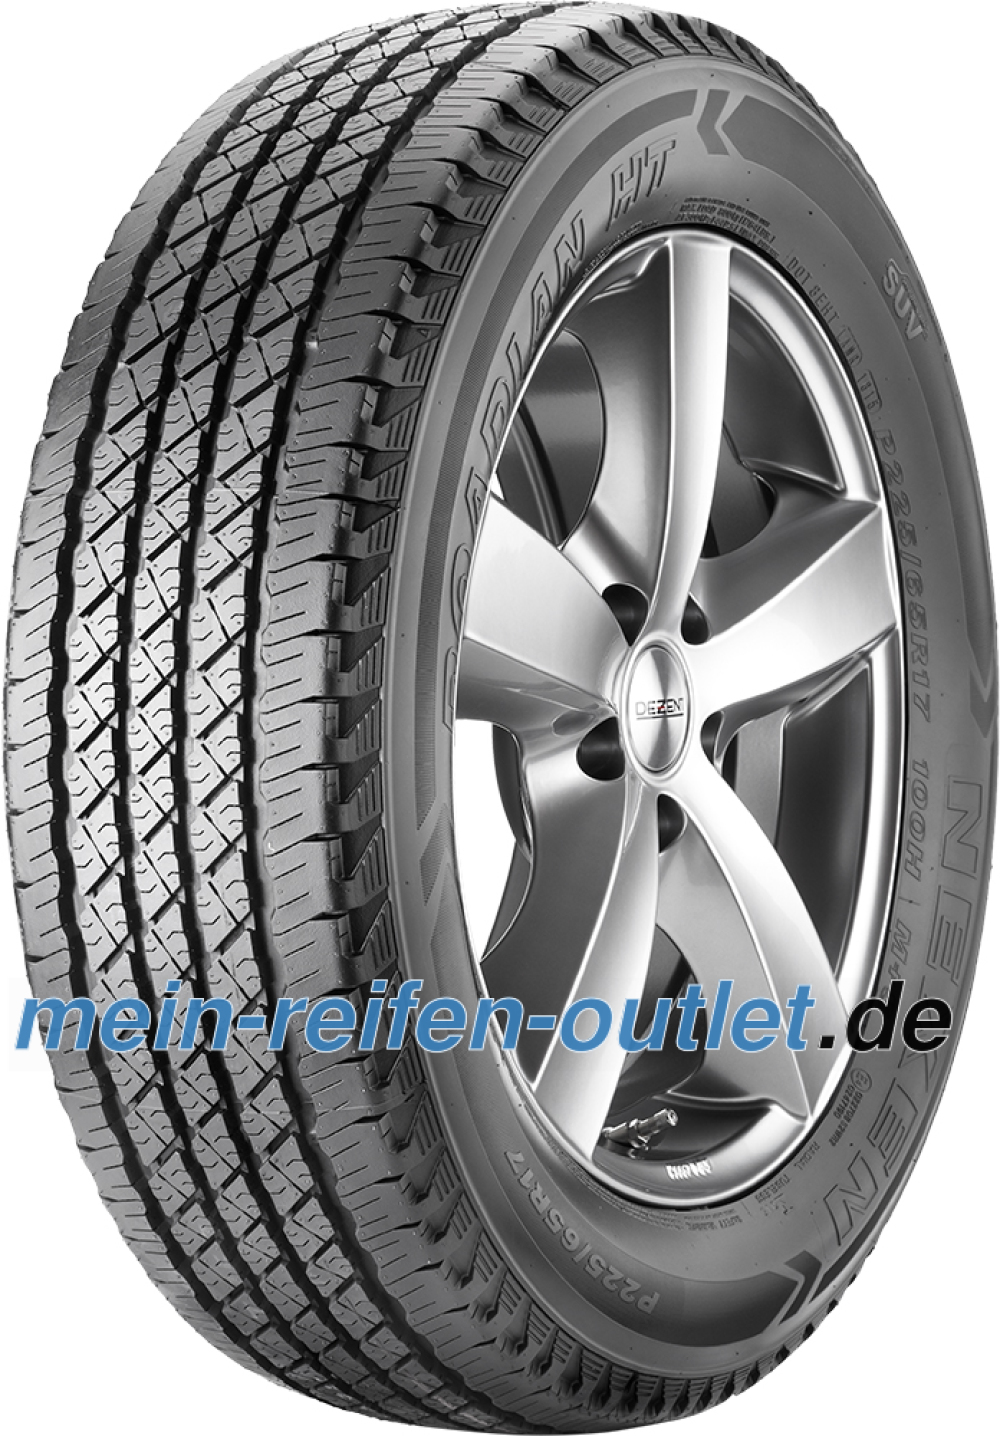 Nexen Roadian HT ( LT31x10.50 R15 109S 6PR ROWL )